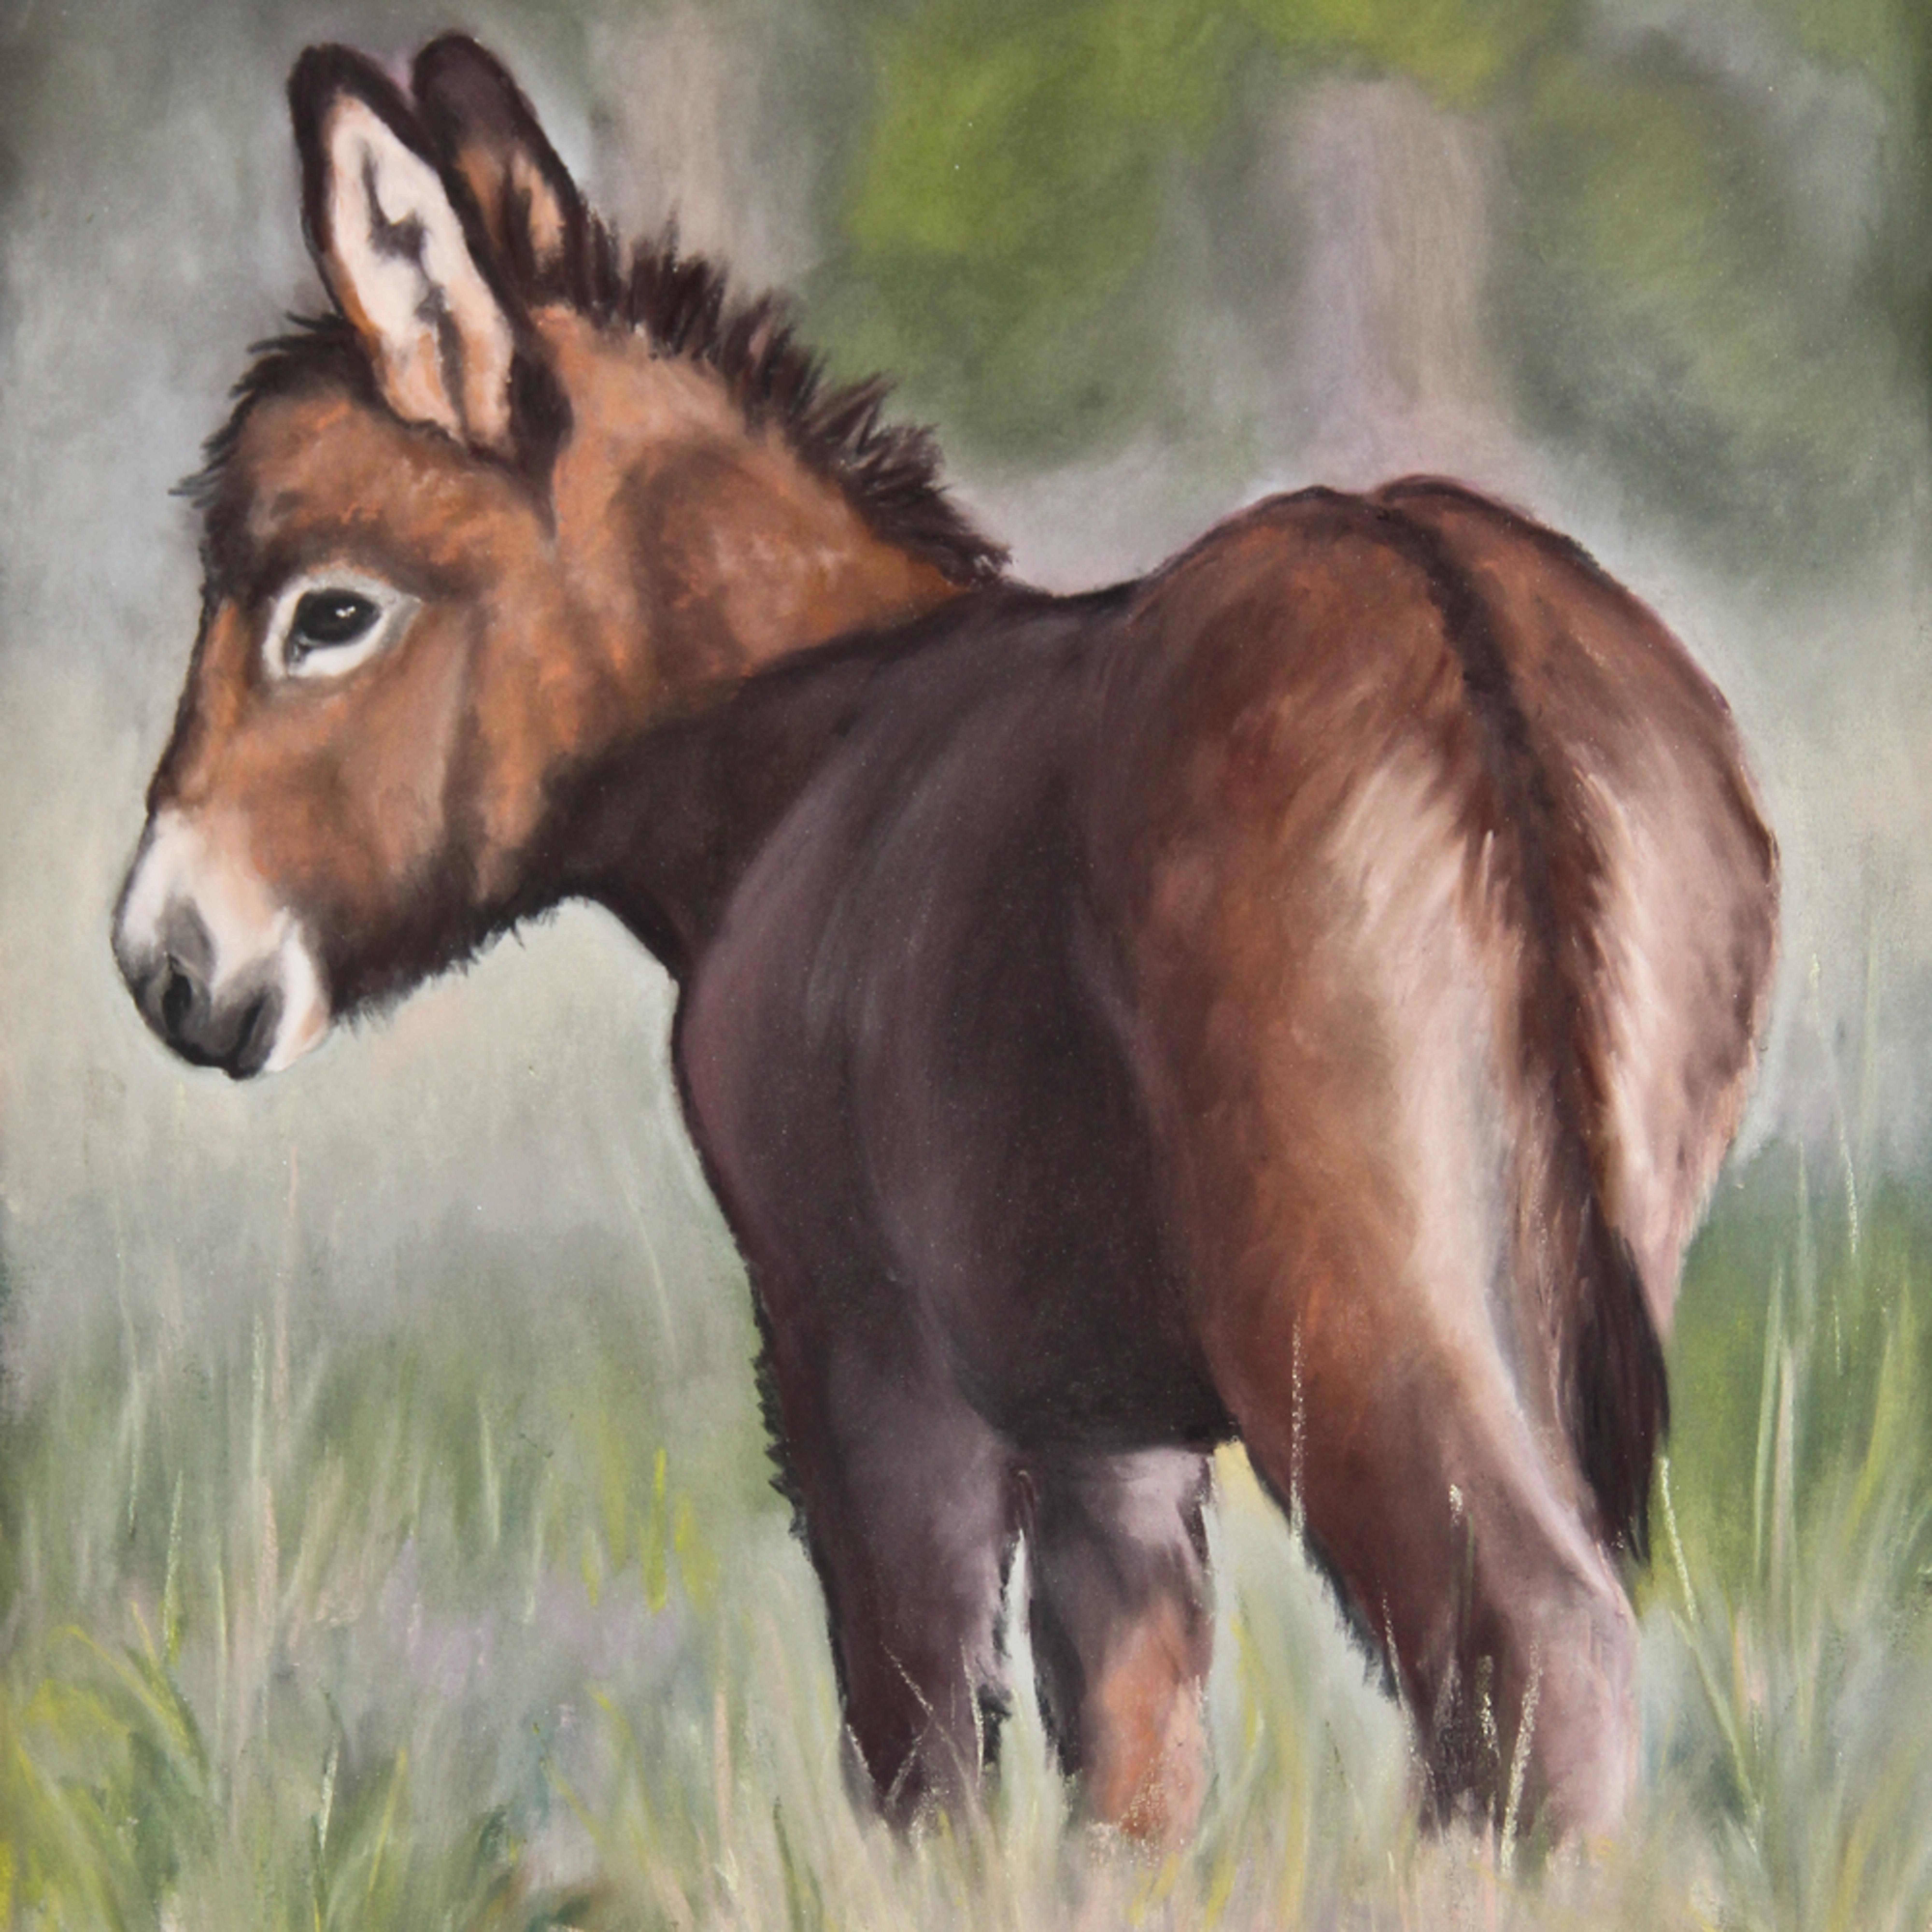 Donkey 1 of 2 af3l3l